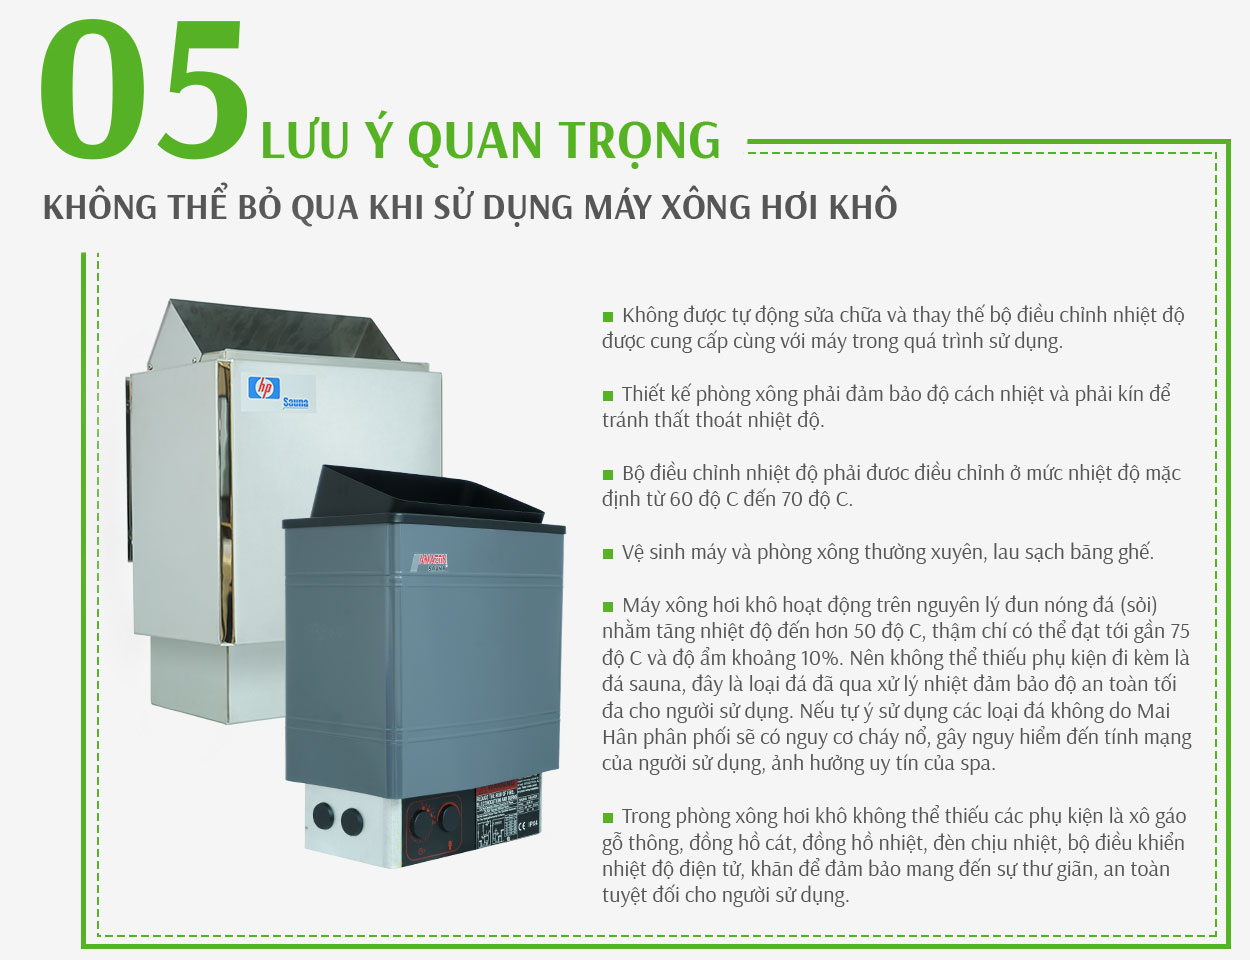 Lưu ý khi sử dụng máy xông hơi khô